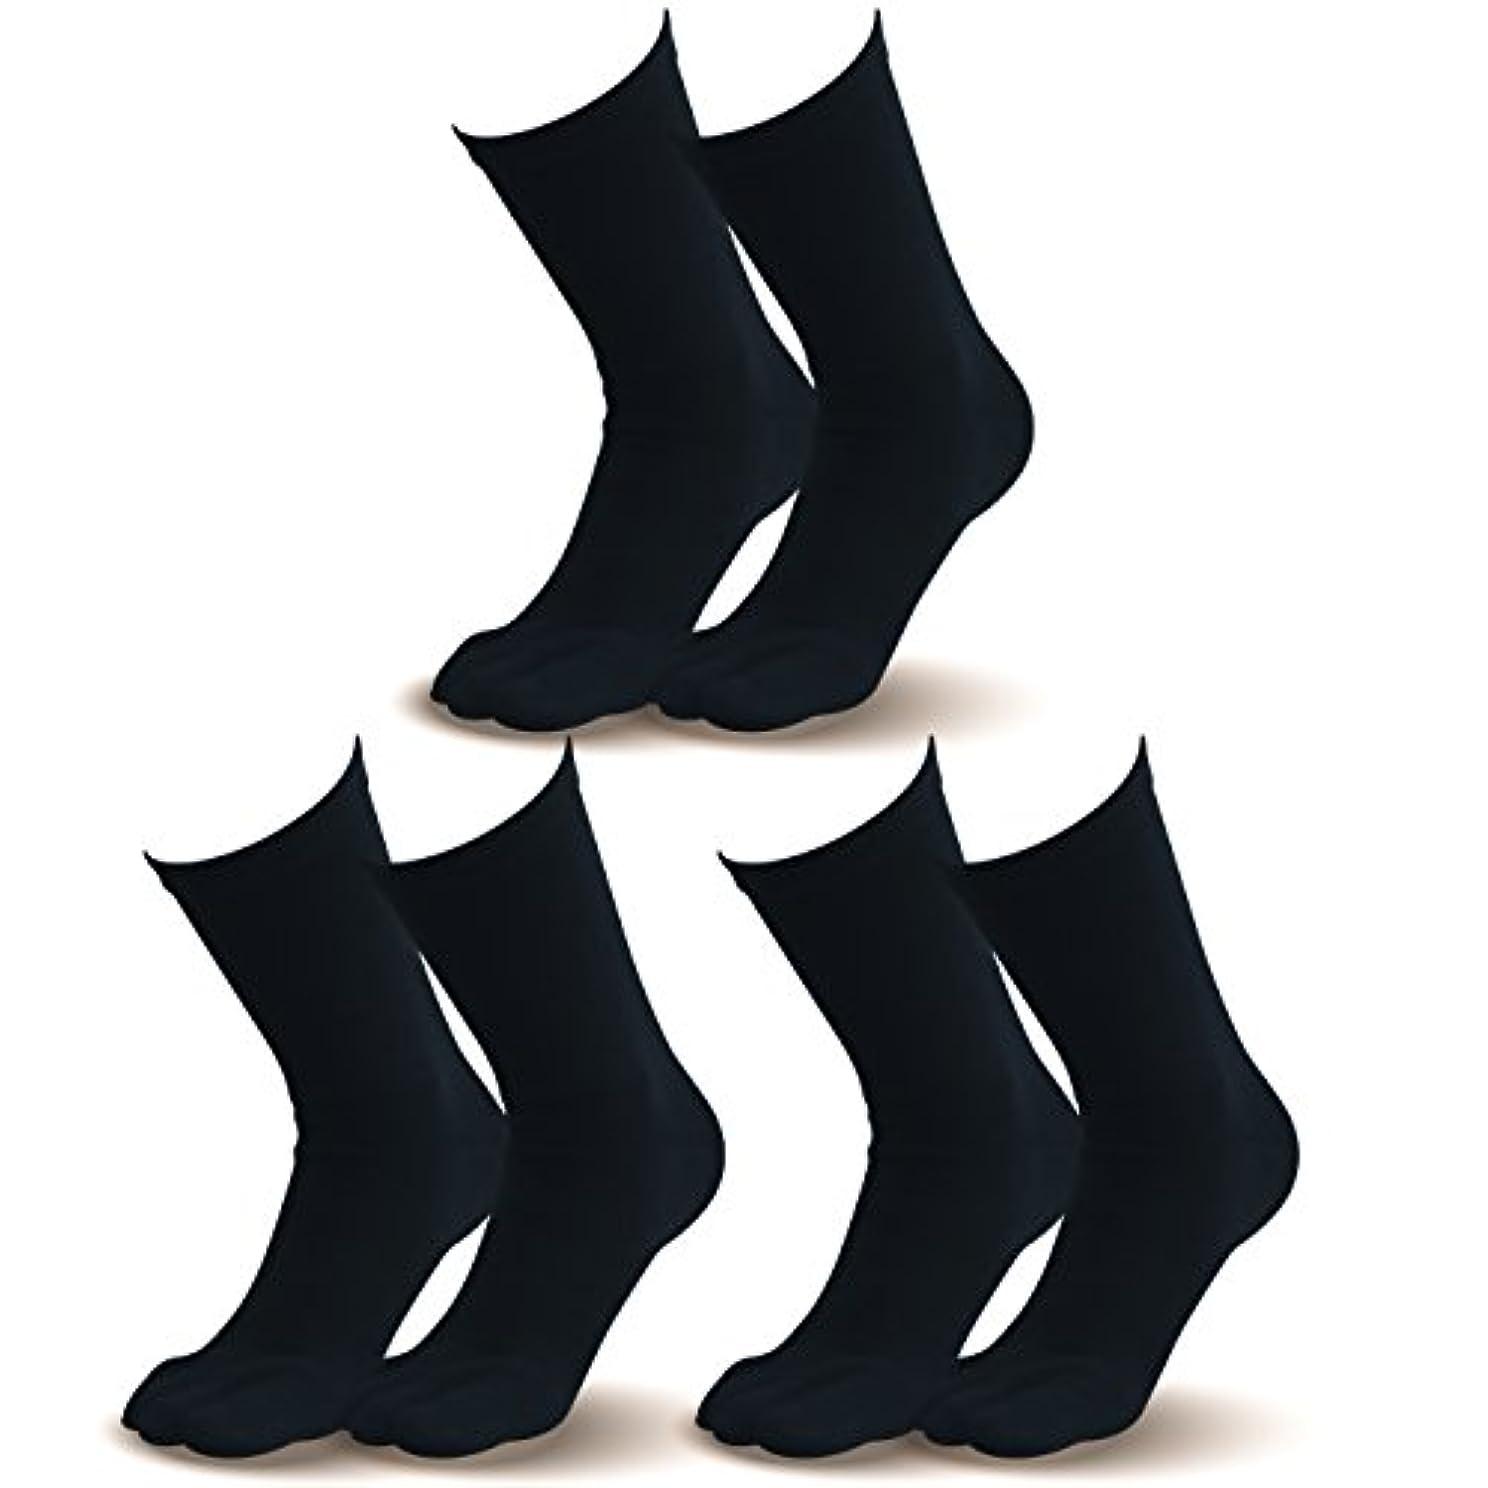 【指先まであったか靴下】とってもお得な ブラック3足組  温かい 暖かい 遠赤外線加工 セラミック 伸びる 外反母趾対策 健康 5本指ソックス